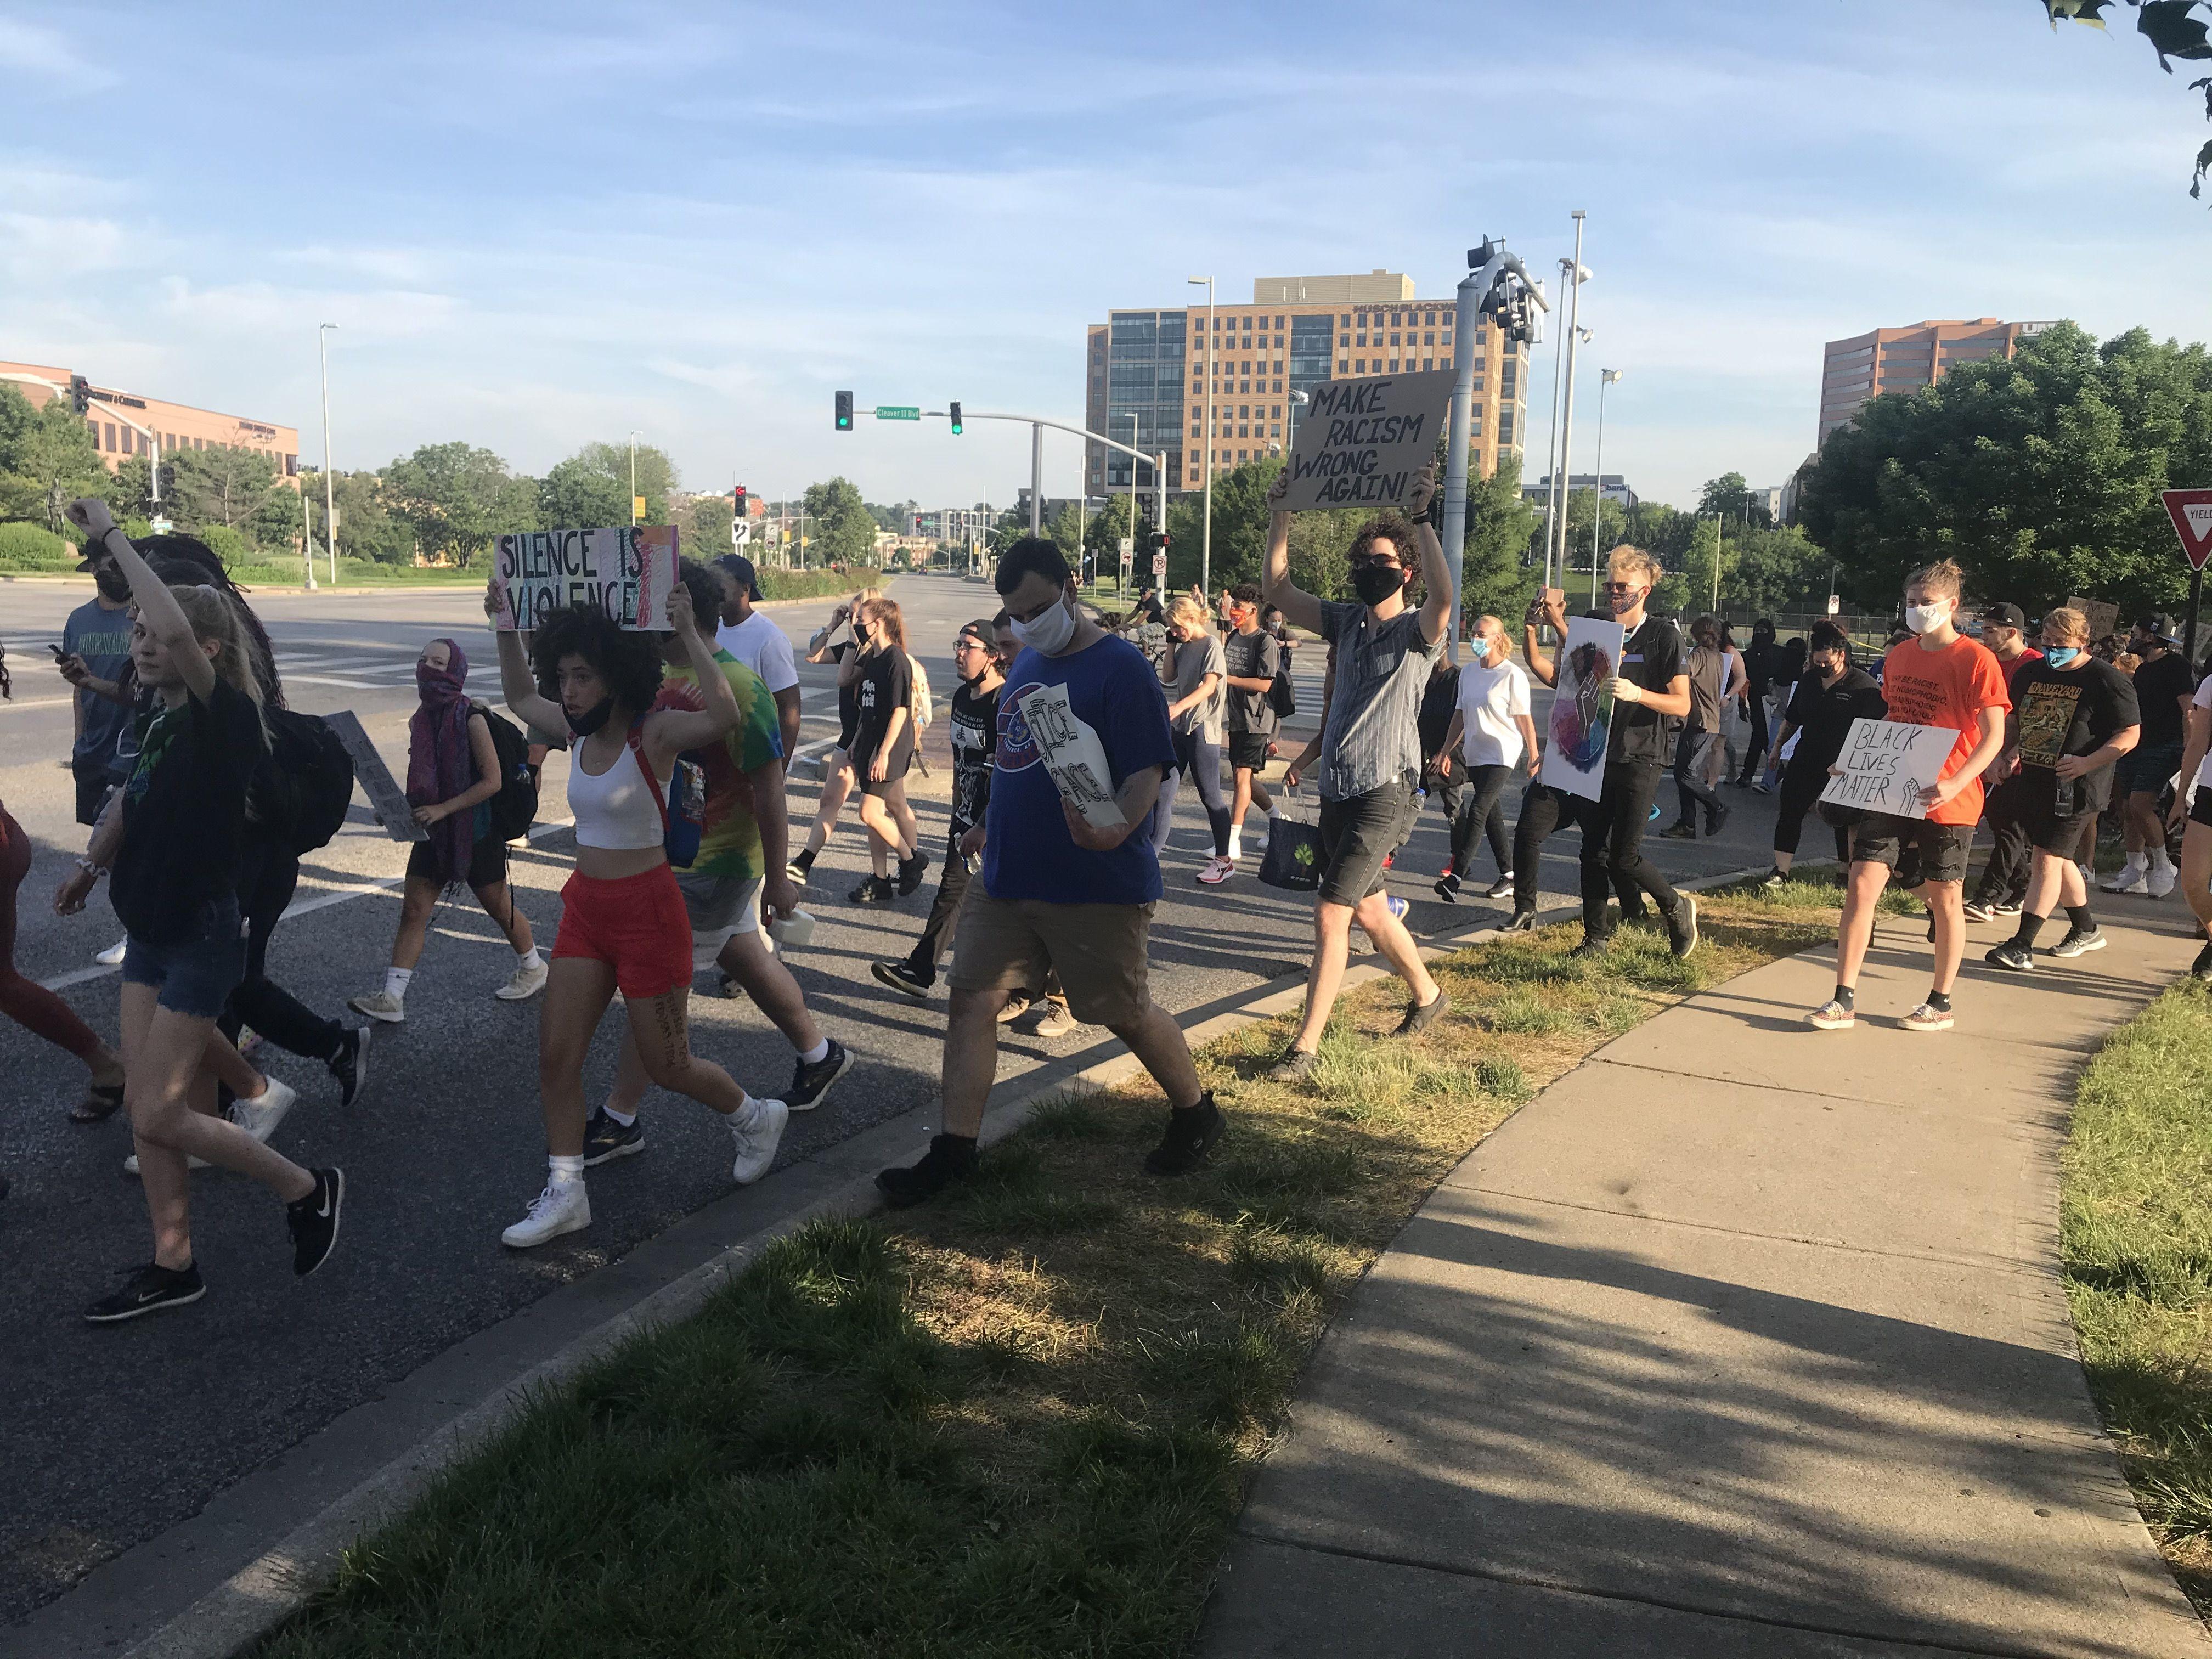 Blm Protest Kansas City Mo June 2 2020 Kansas City Dolores Park Photo